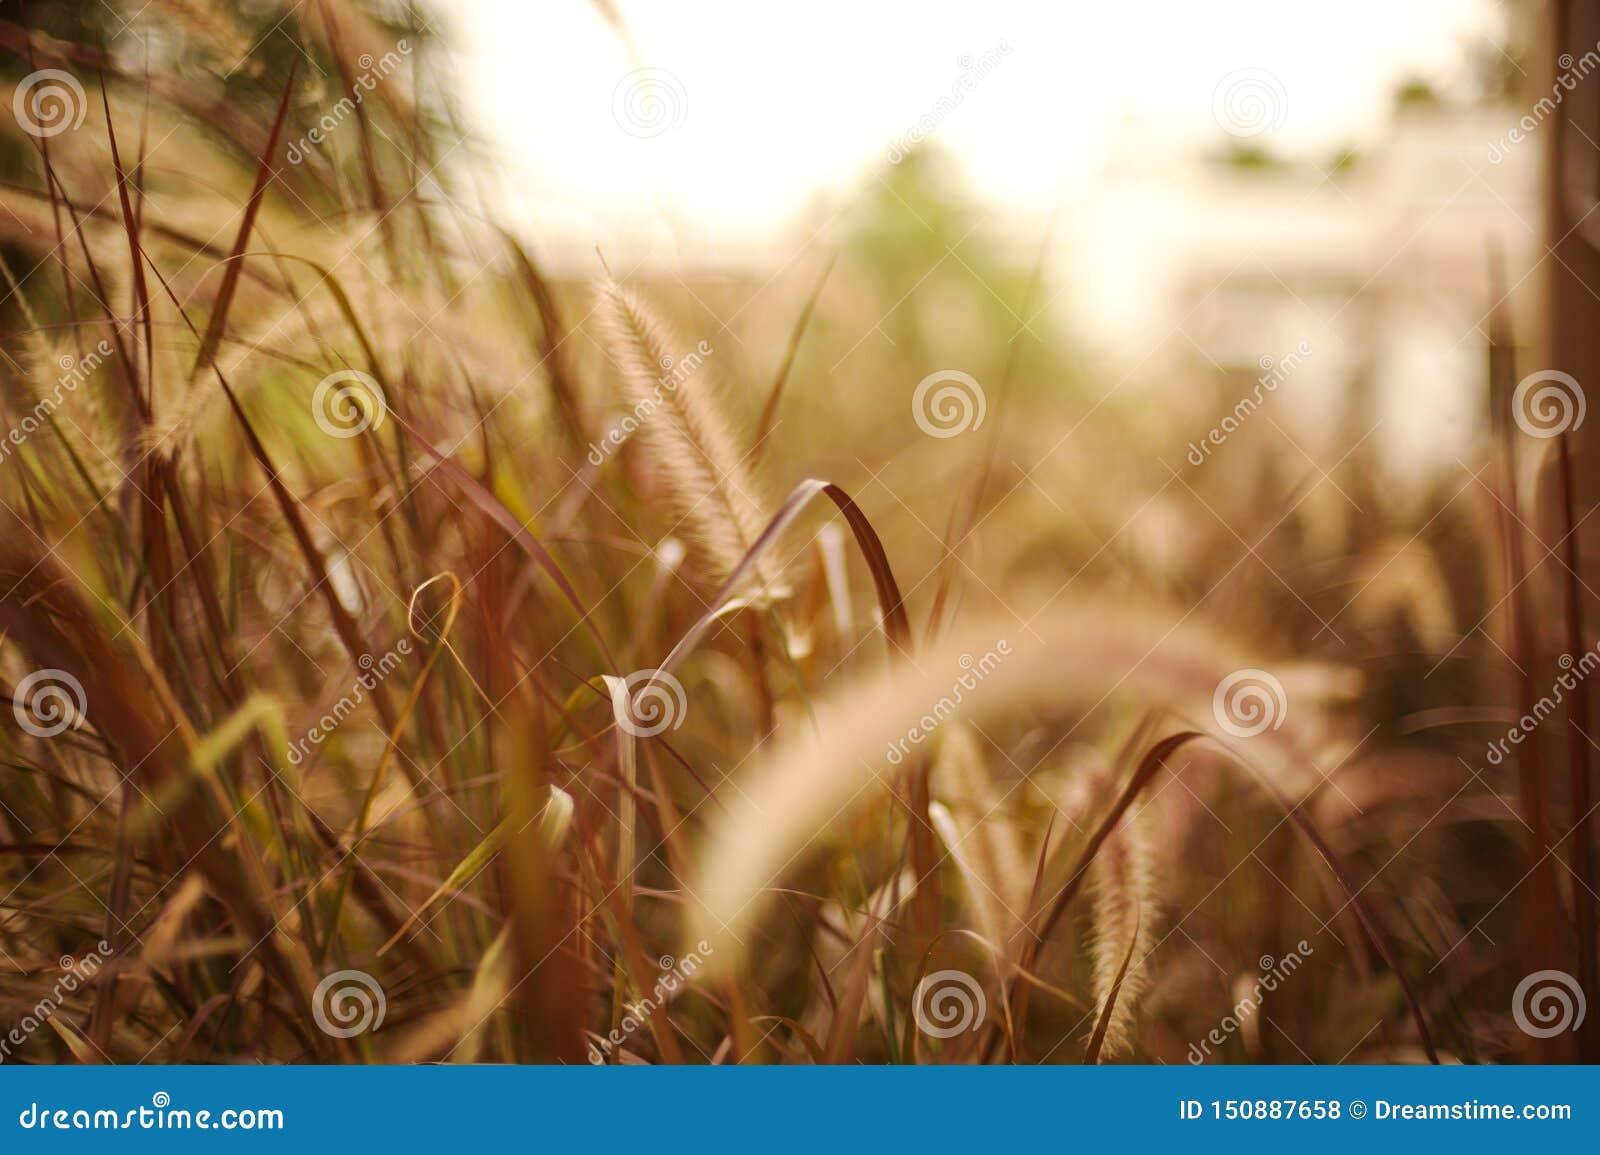 Brown-Gräser mit Unschärfehintergrund im Sonnenlicht